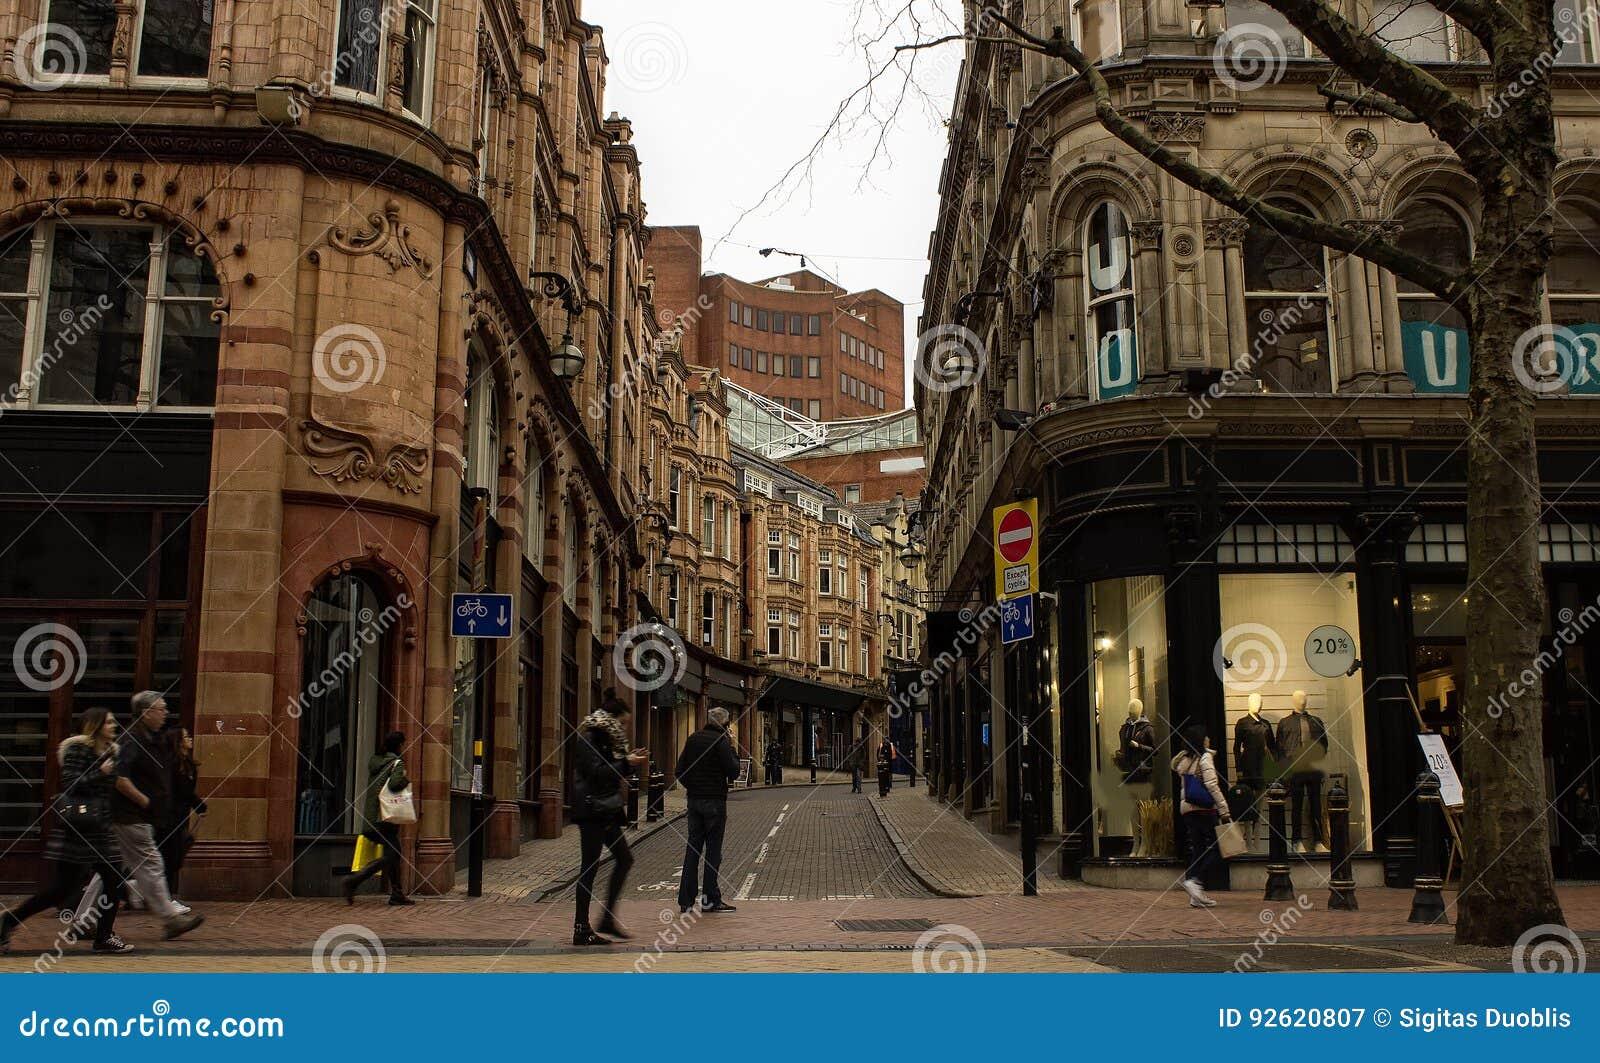 Scène in de stadscentrum van Birmingham